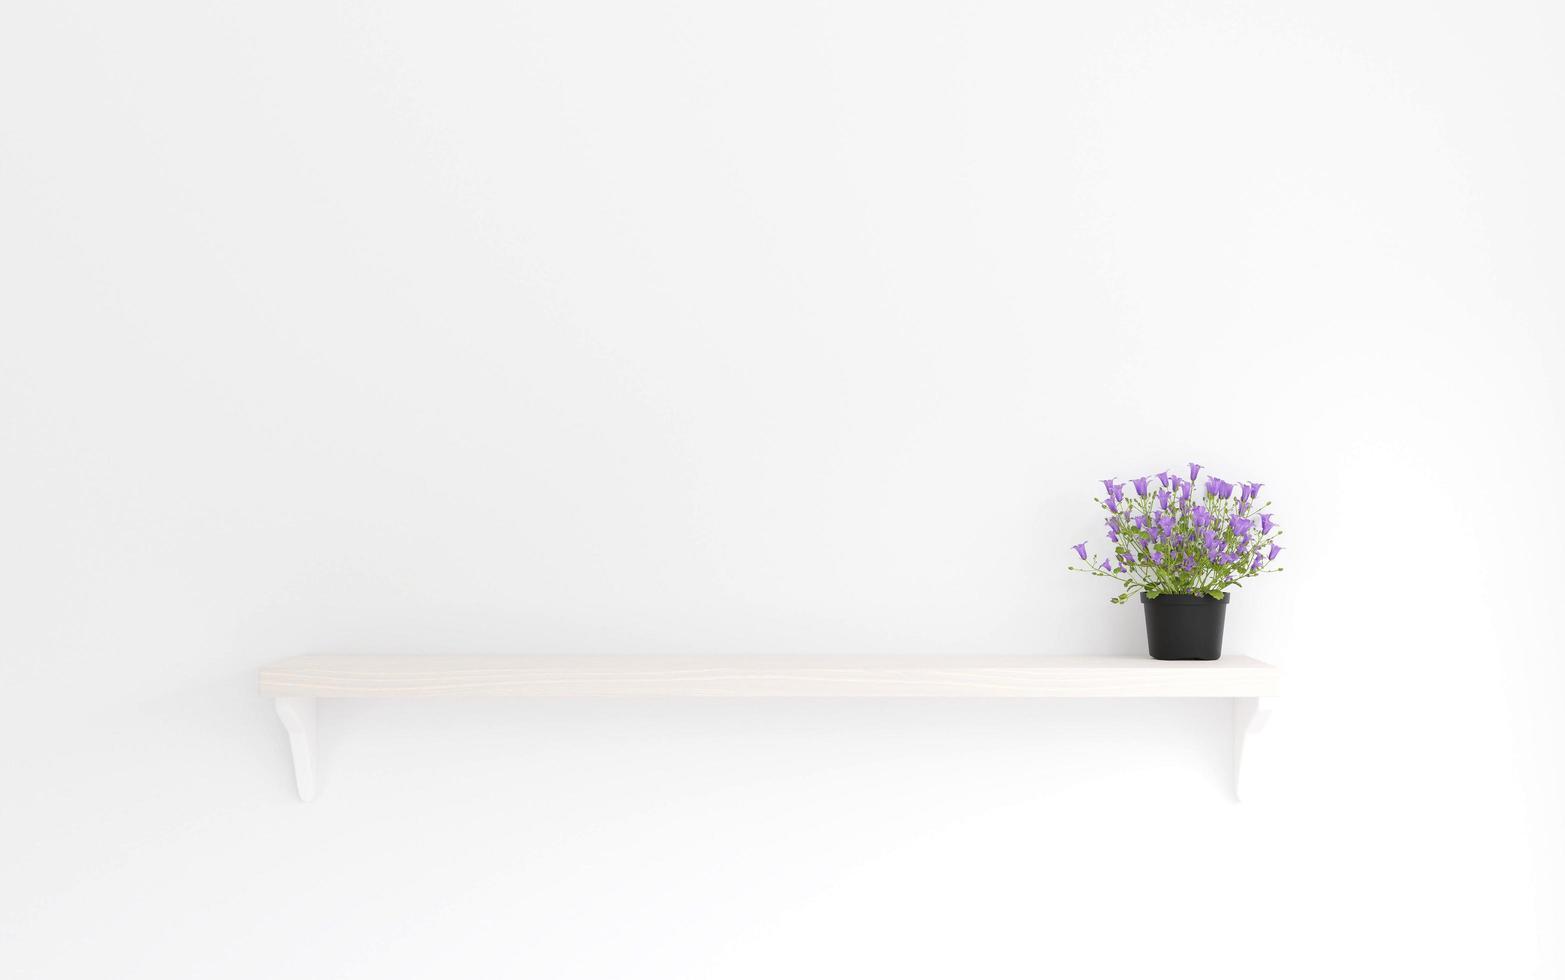 minimal stil lila blomma på trähyllan foto